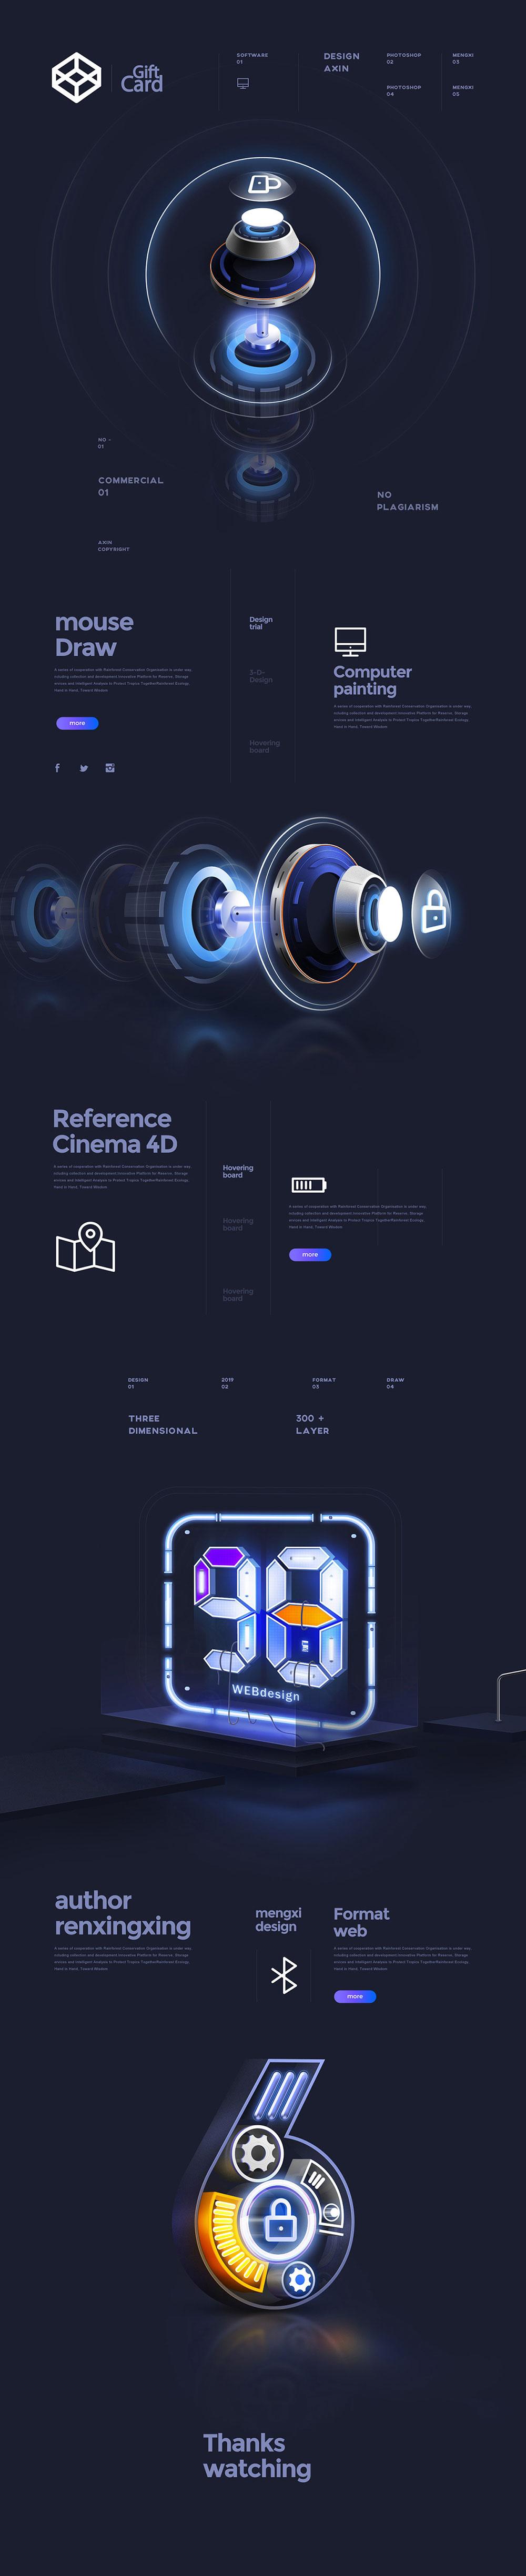 科技感页面素材psd源文件免费下载-凡酷网  (fankuw.cn)  -  综合性资源分享平台网站